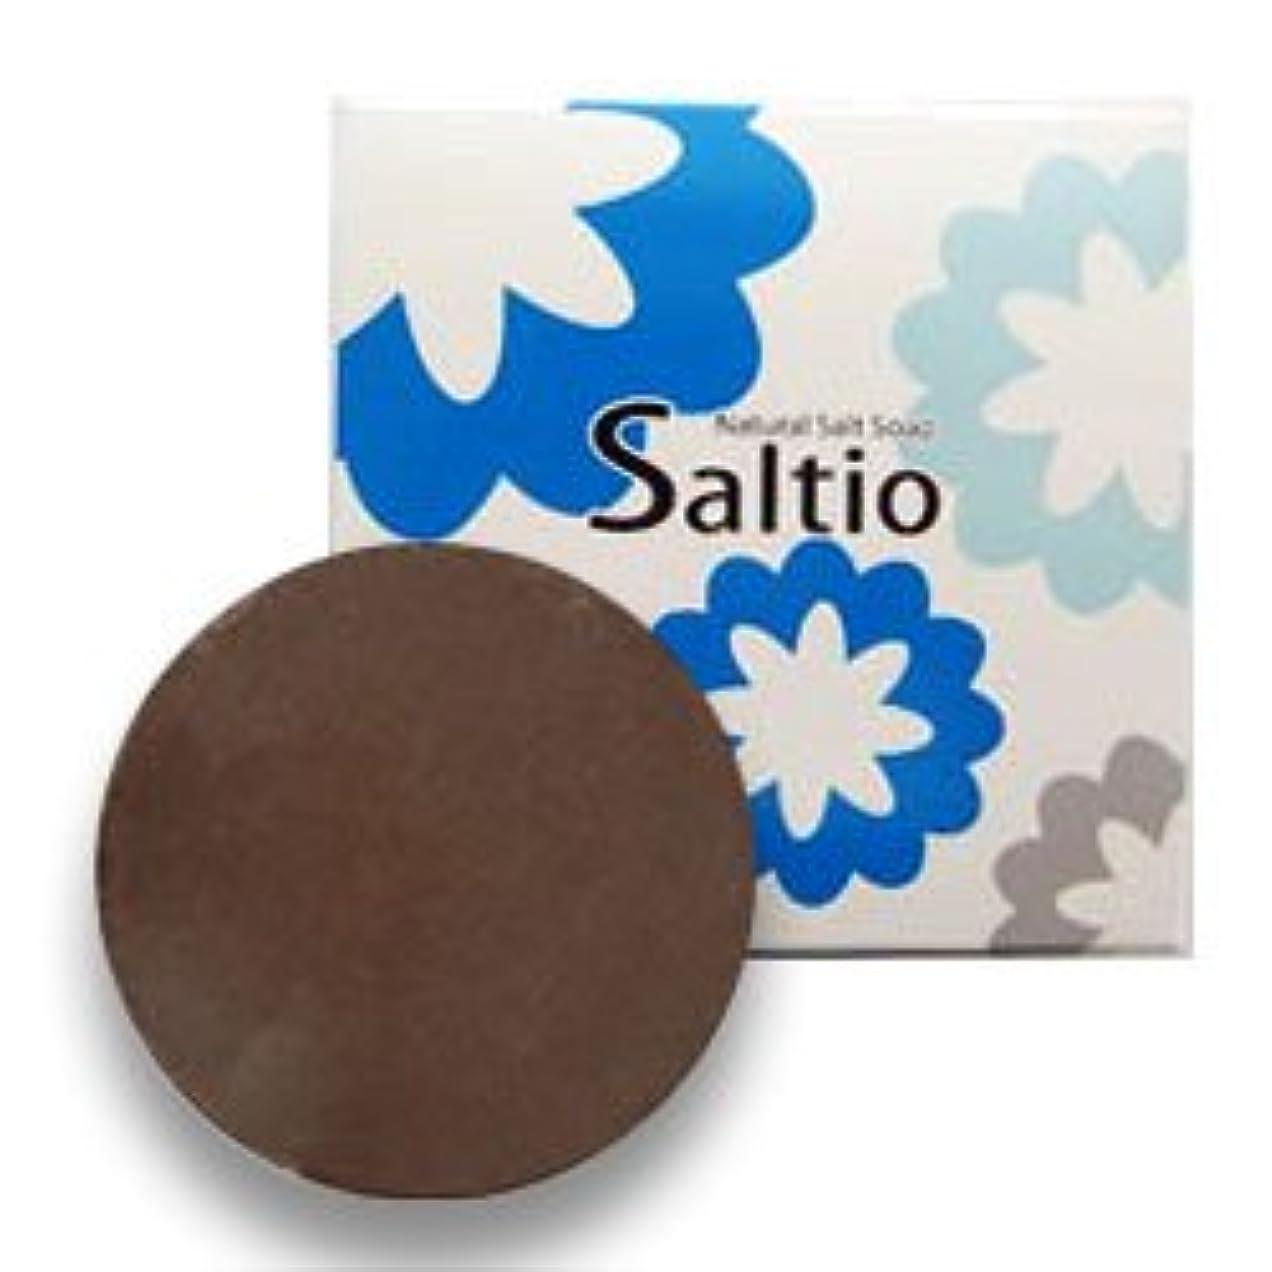 誤解させる毎日赤面無添加 石鹸 Saltio ソルティオ 泡立てネット 付き ( 洗顔?浴用 石けん ) 80g  / デオドラント